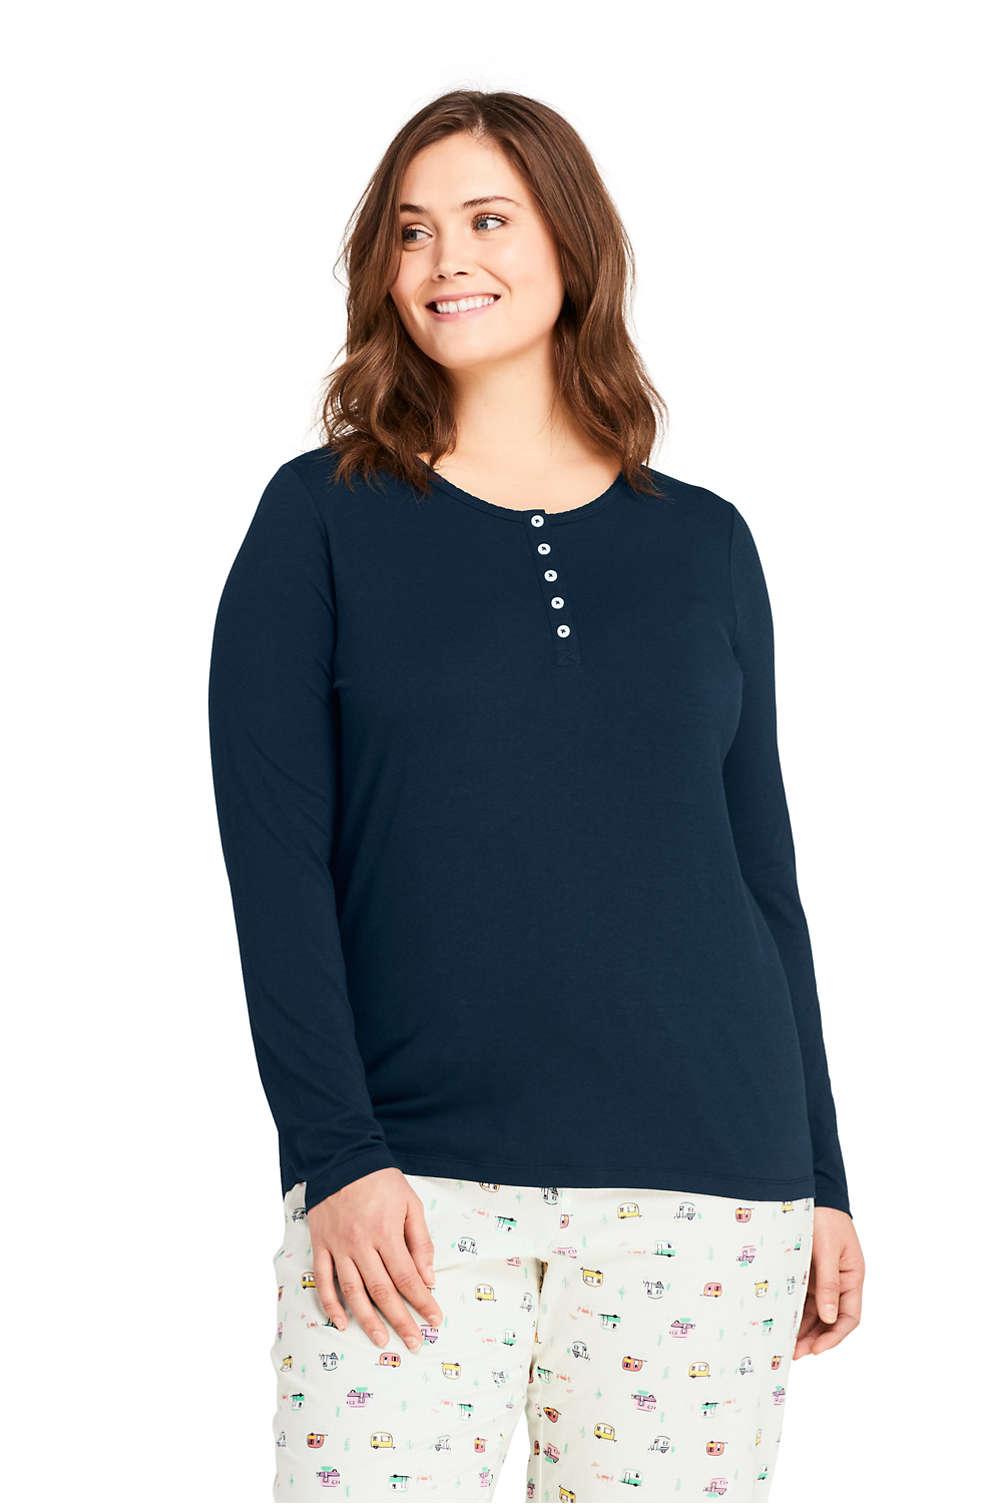 2a44b69659642 Women s Plus Size Lightweight Long Sleeve Henley Sleep Top from Lands  End